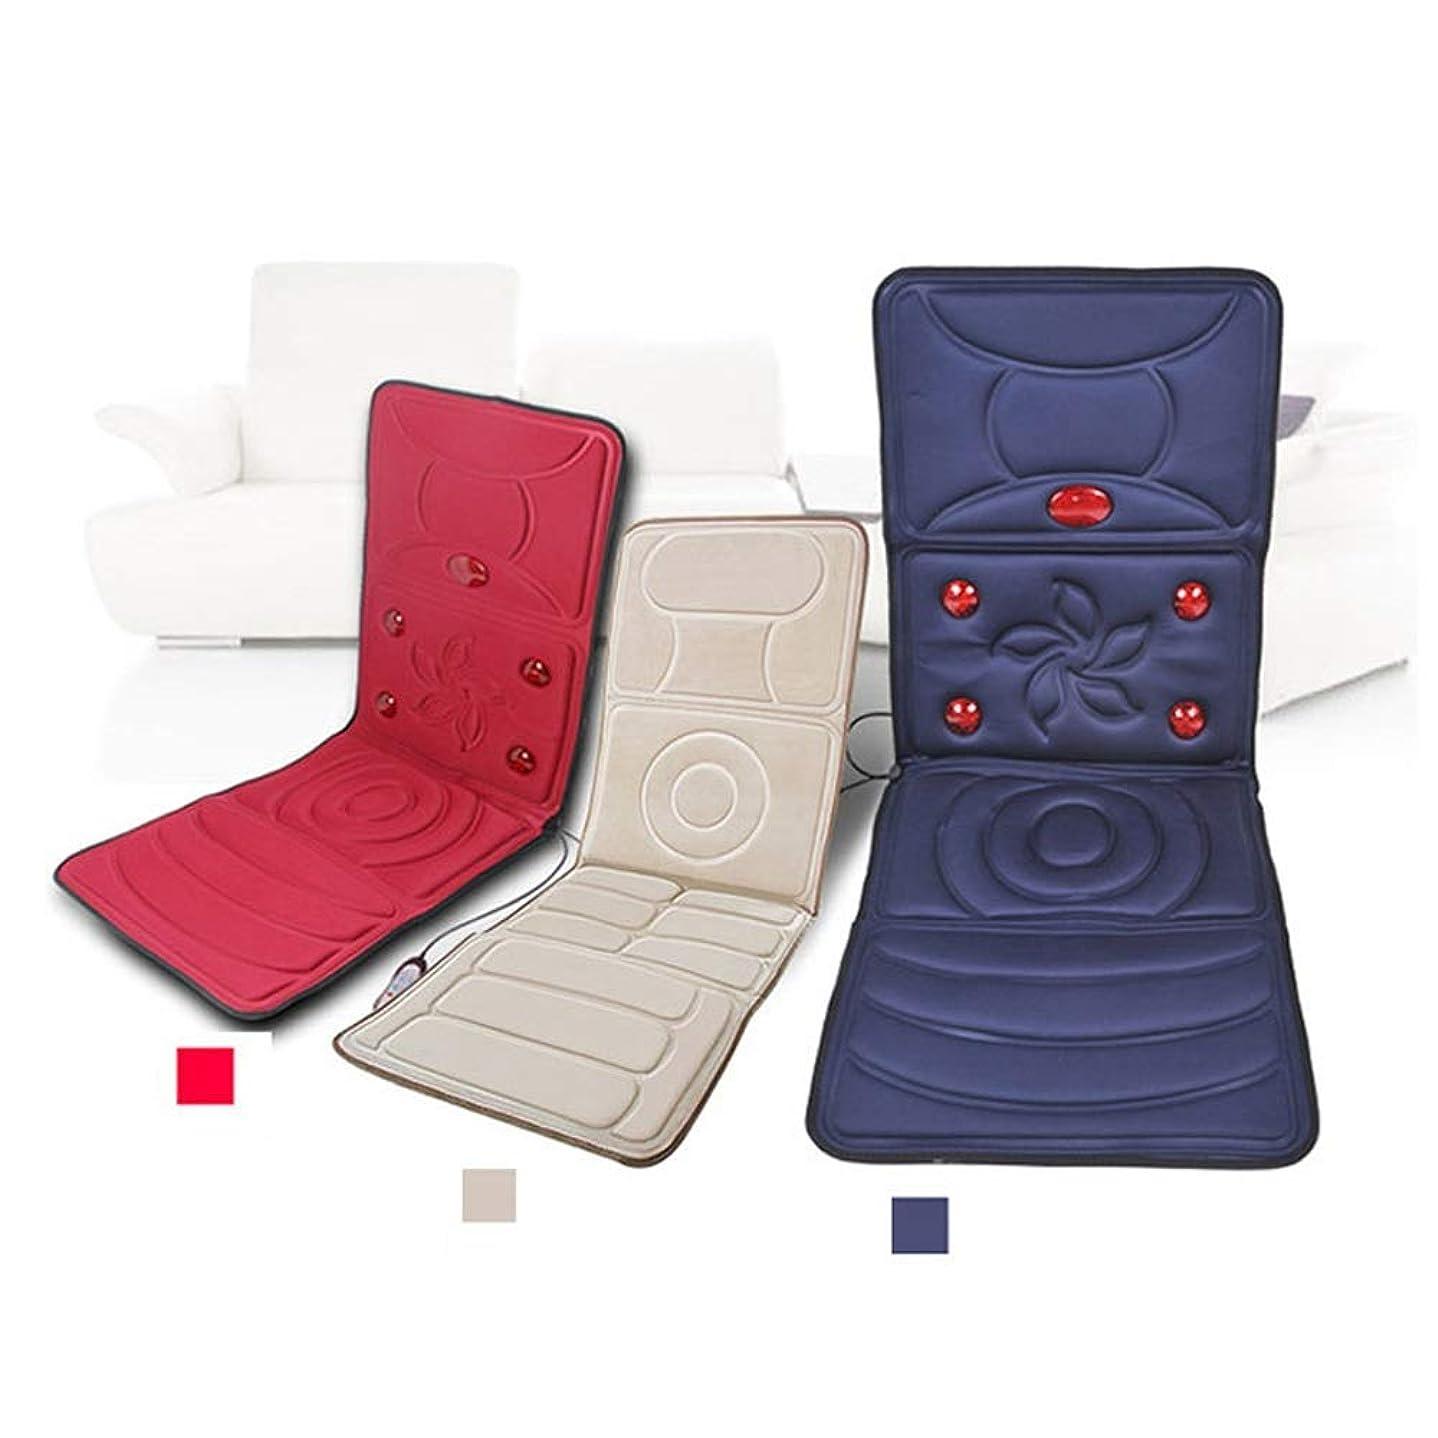 樹木プログレッシブ有効マッサージマットレス 9つの振動モーターで加熱されるマッサージマットレスの赤外線全身マッサージャーのクッションの折り畳み式のマットの首の腰部の足の苦痛を取り除くための折り畳み式のマットのカーシートの椅子のマッサージのクッション マッサージマットブランケット (色 : ベージュ)